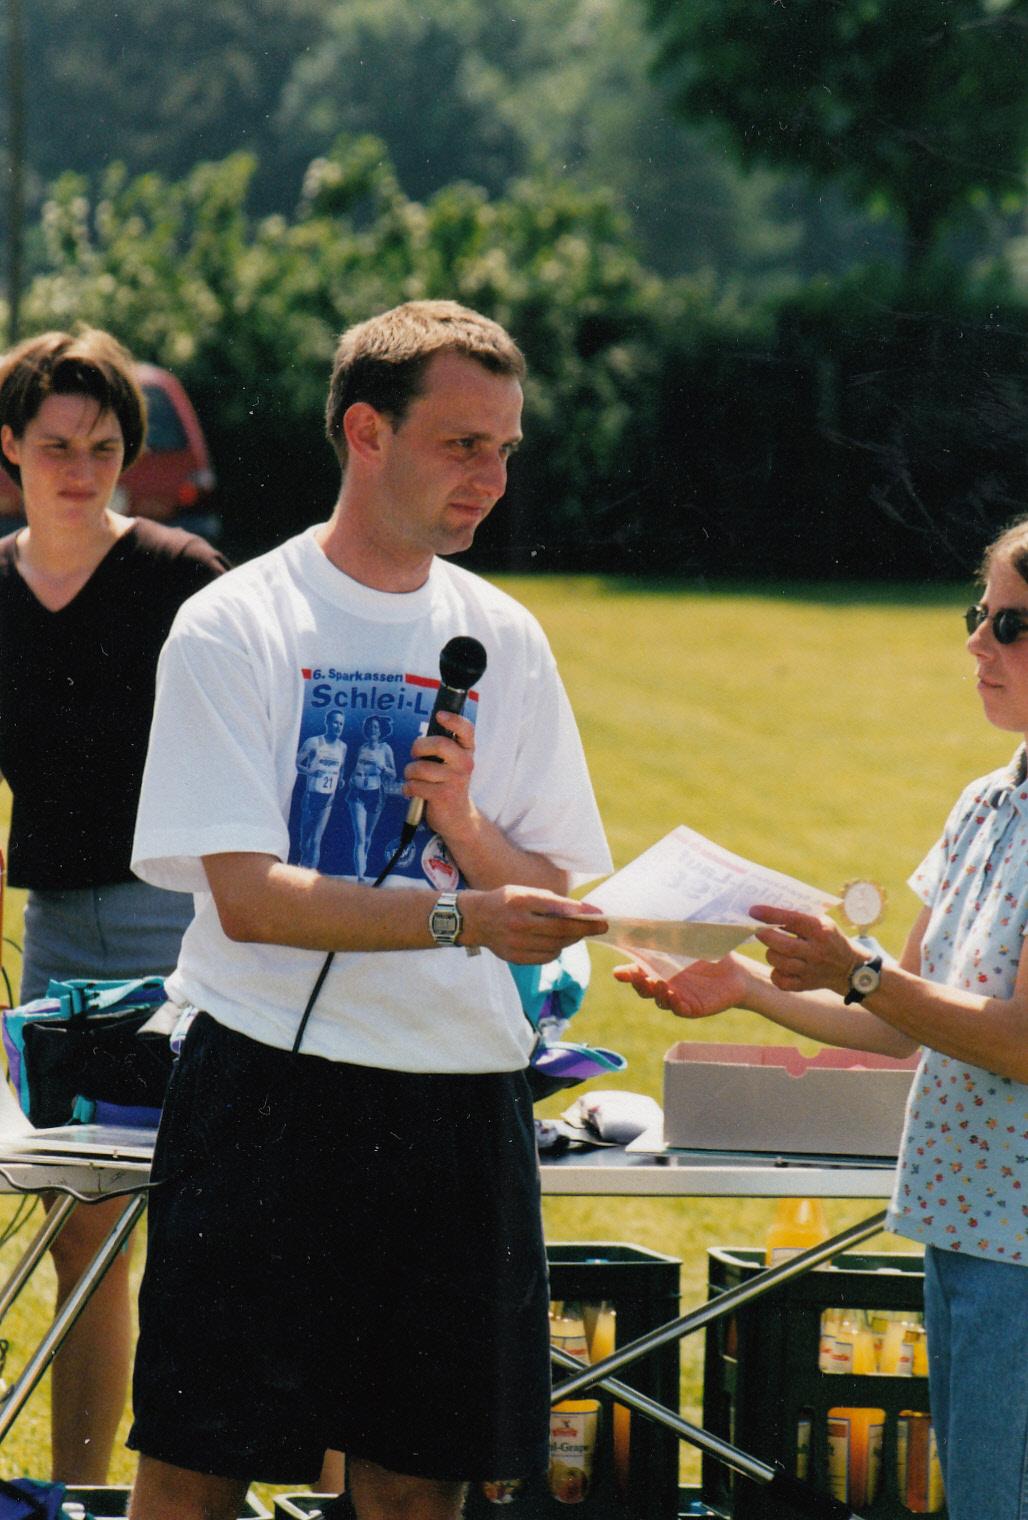 1998schleilaufsiegerehrung